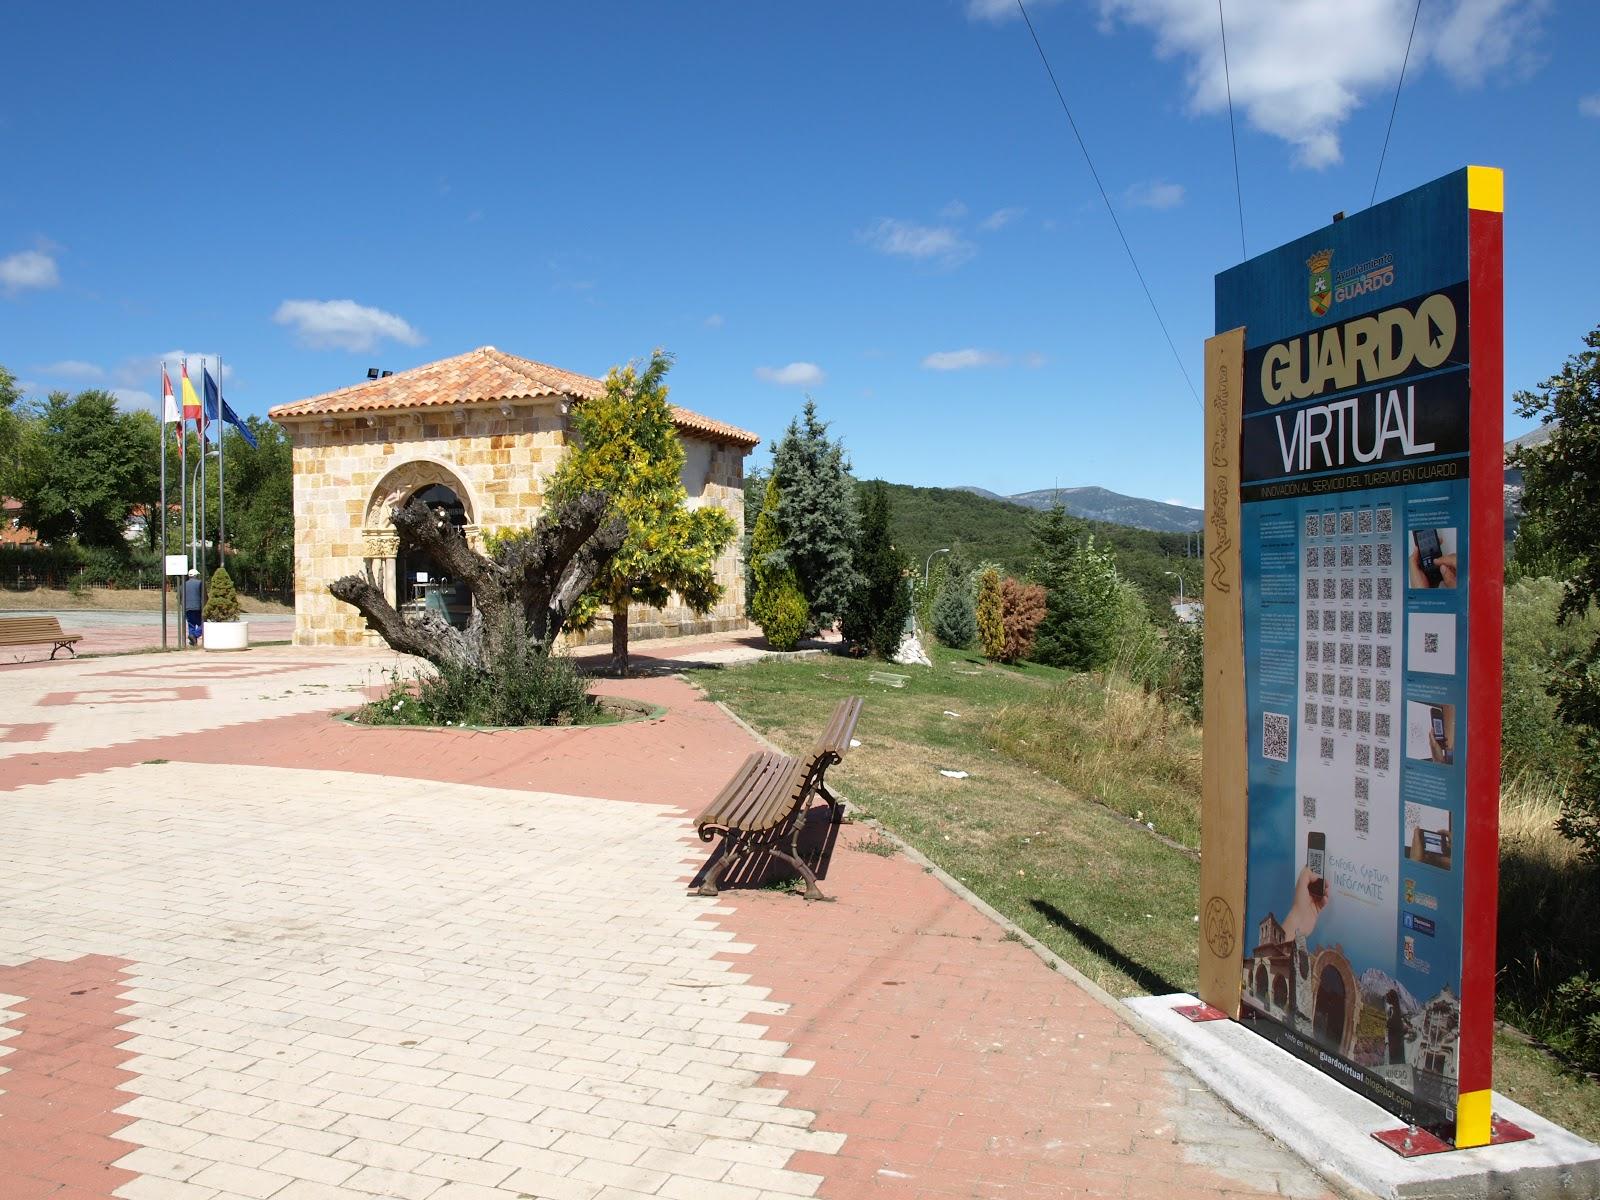 La oficina de turismo ya cuenta con su panel informativo for Oficina de turismo leon